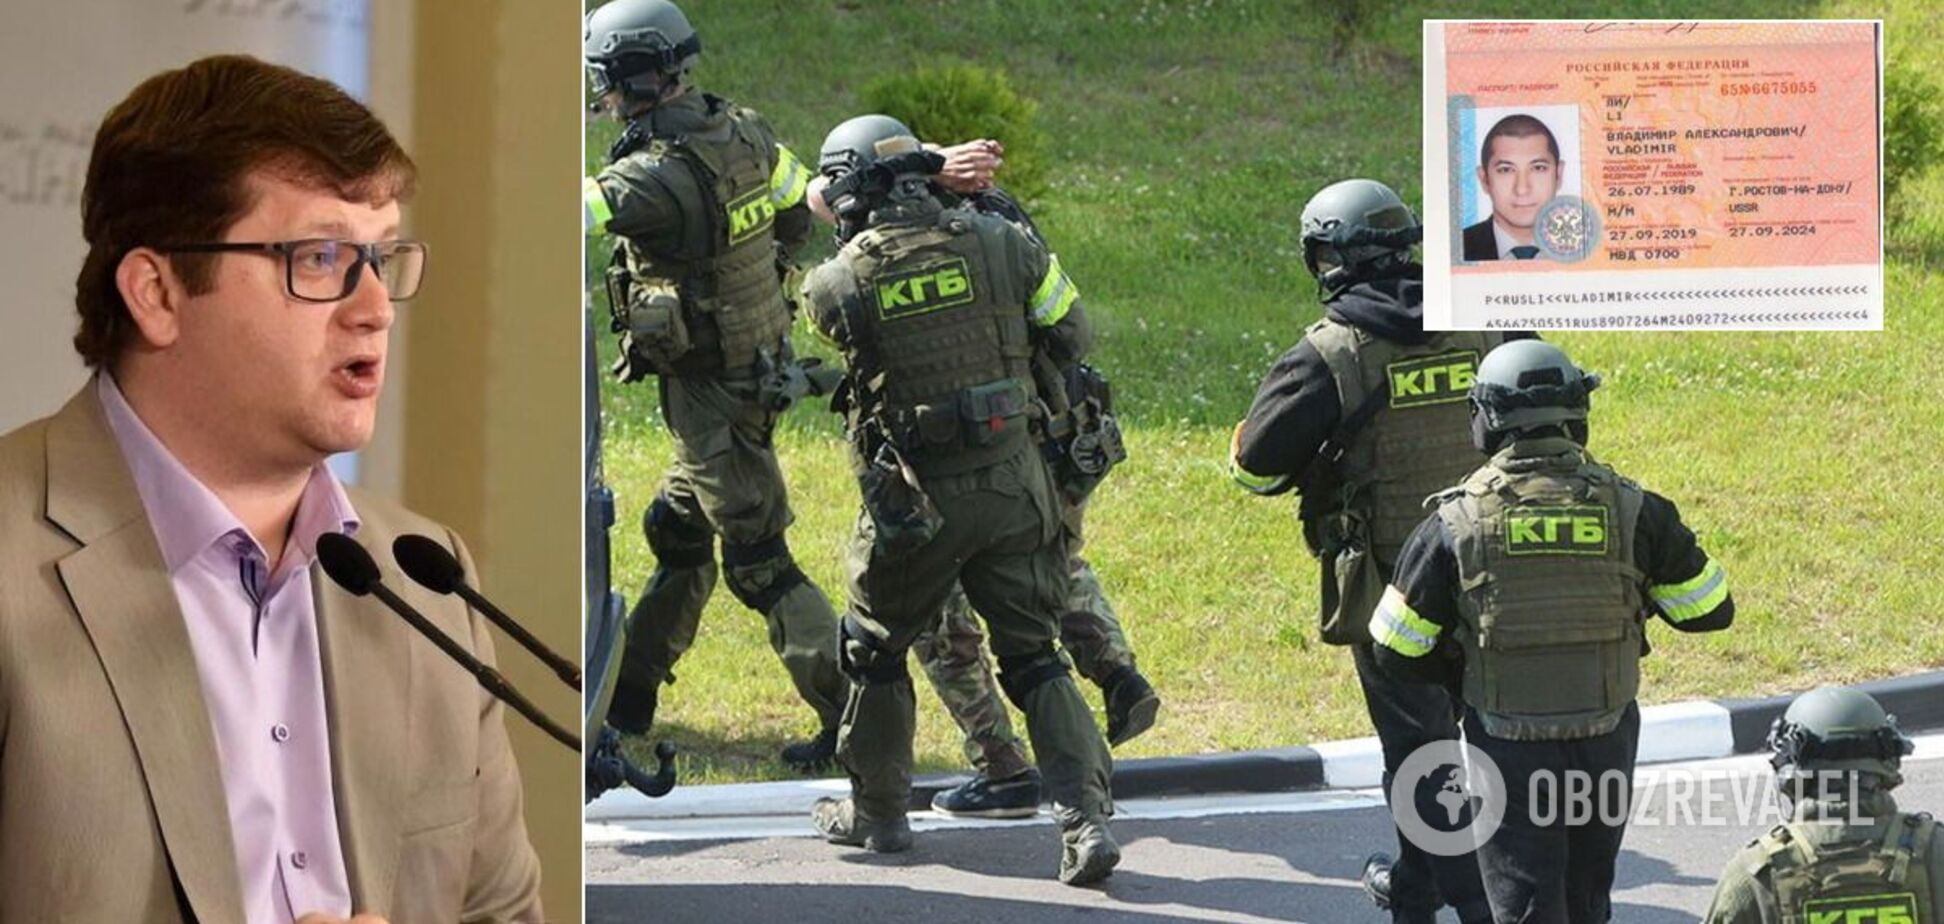 Спецоперація СБУ із затримання членів ПВК Вагнера